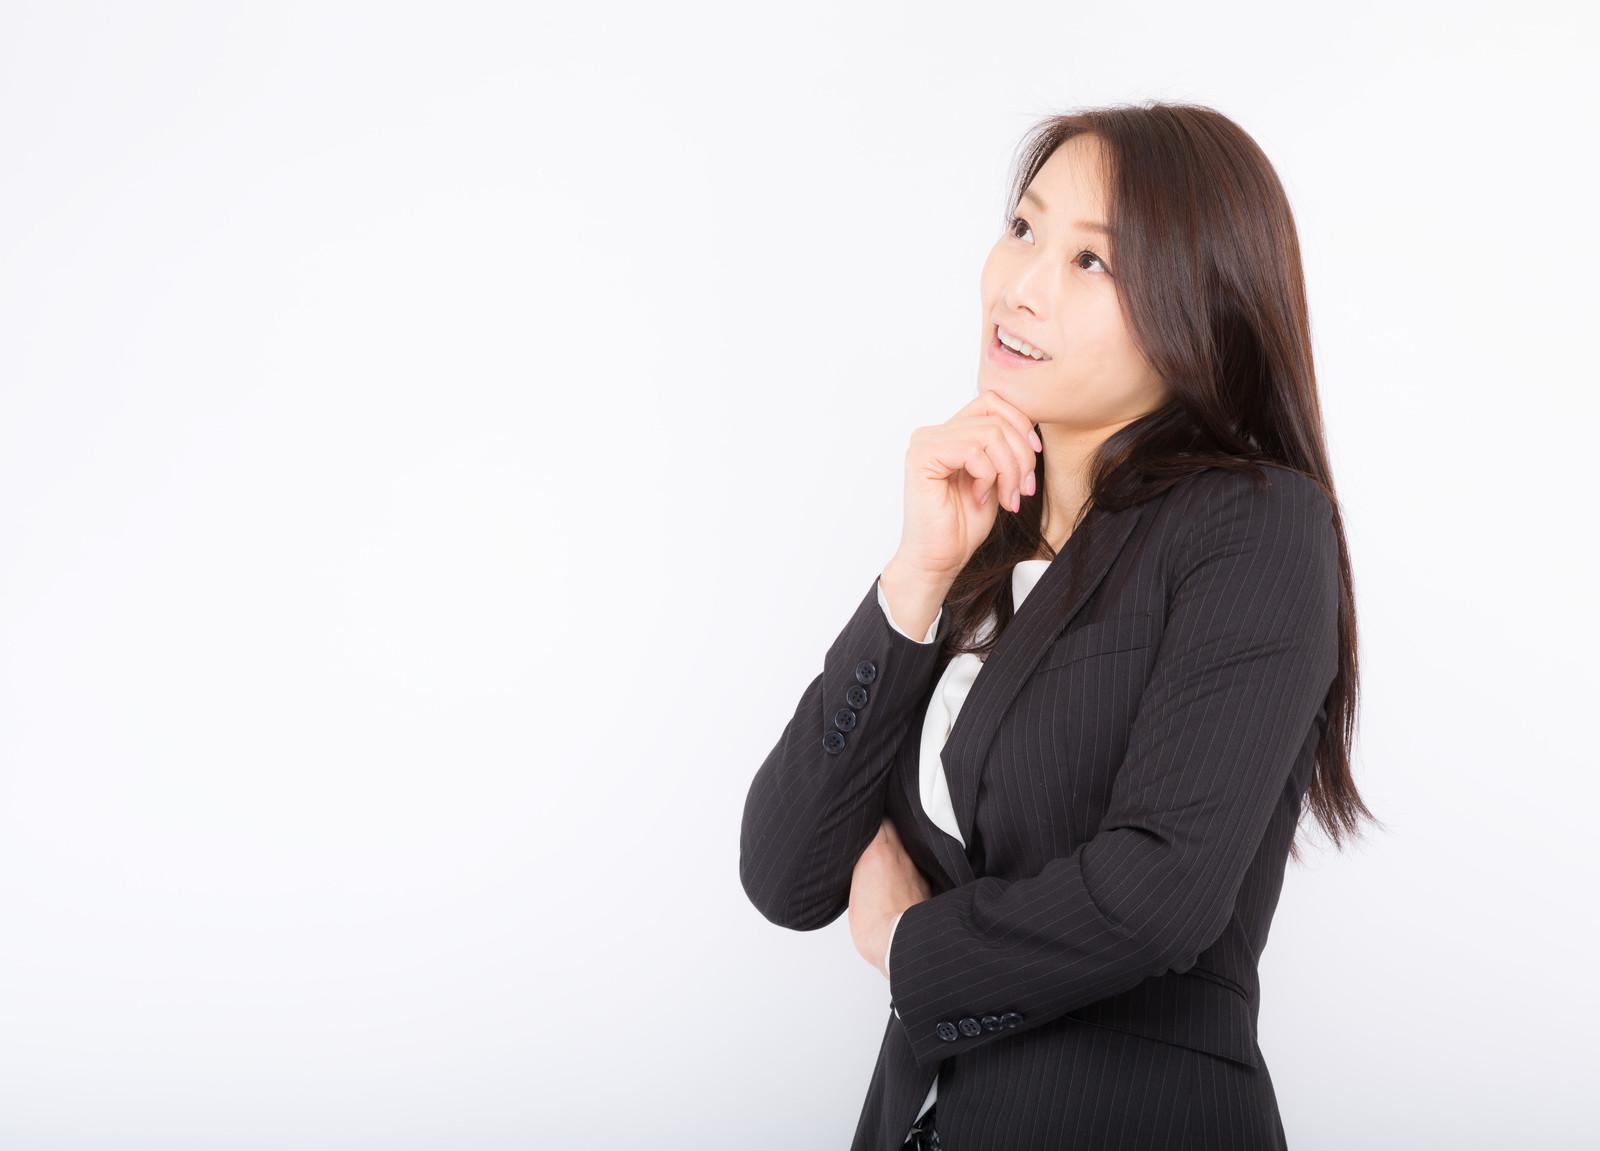 印象を悪くせずに内定を保留する方法と入職前の打ち合わせの必要性